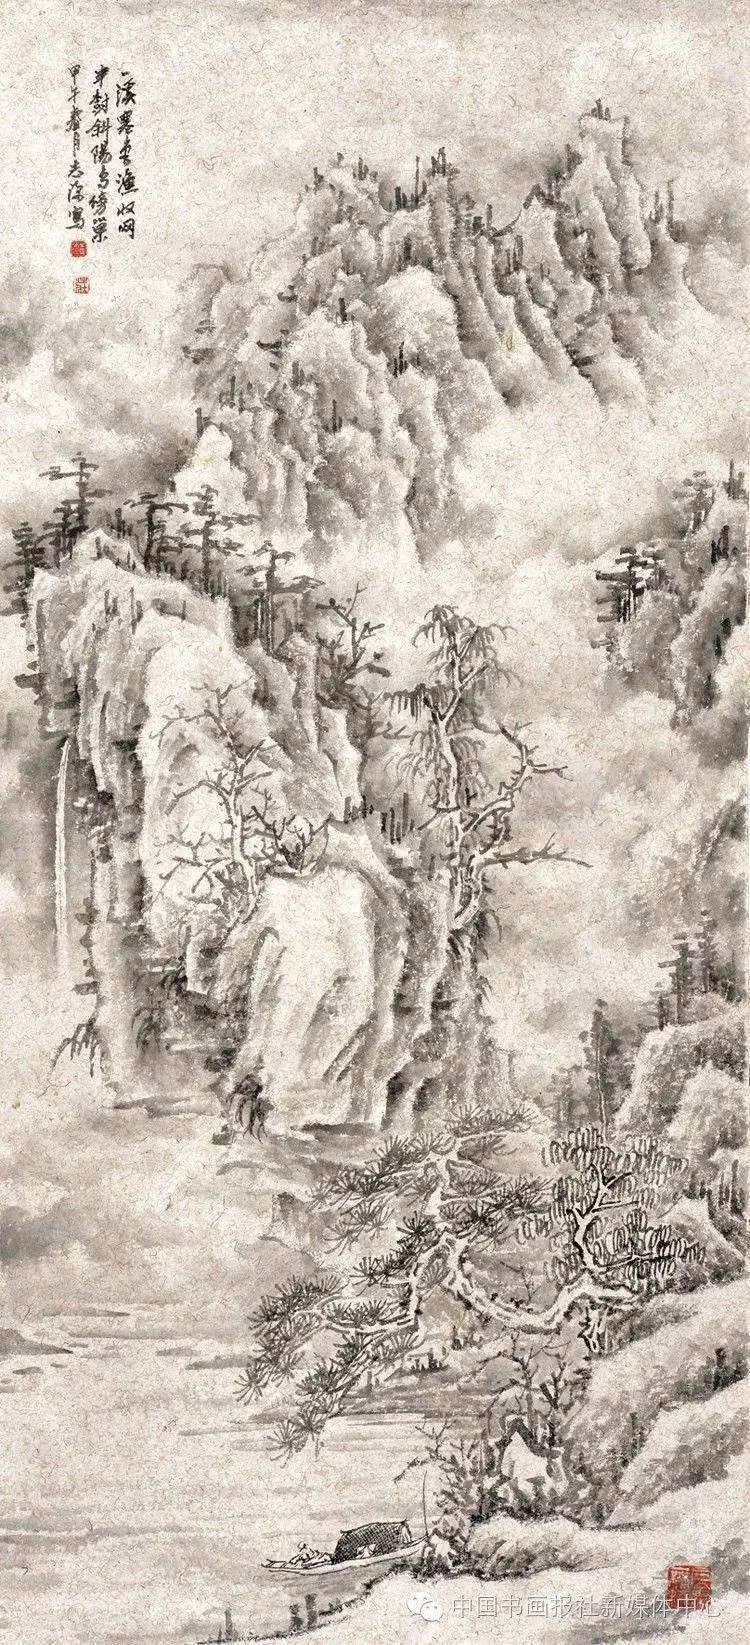 清華大學美術學院書畫高研班導師作品欣賞 - 壹讀